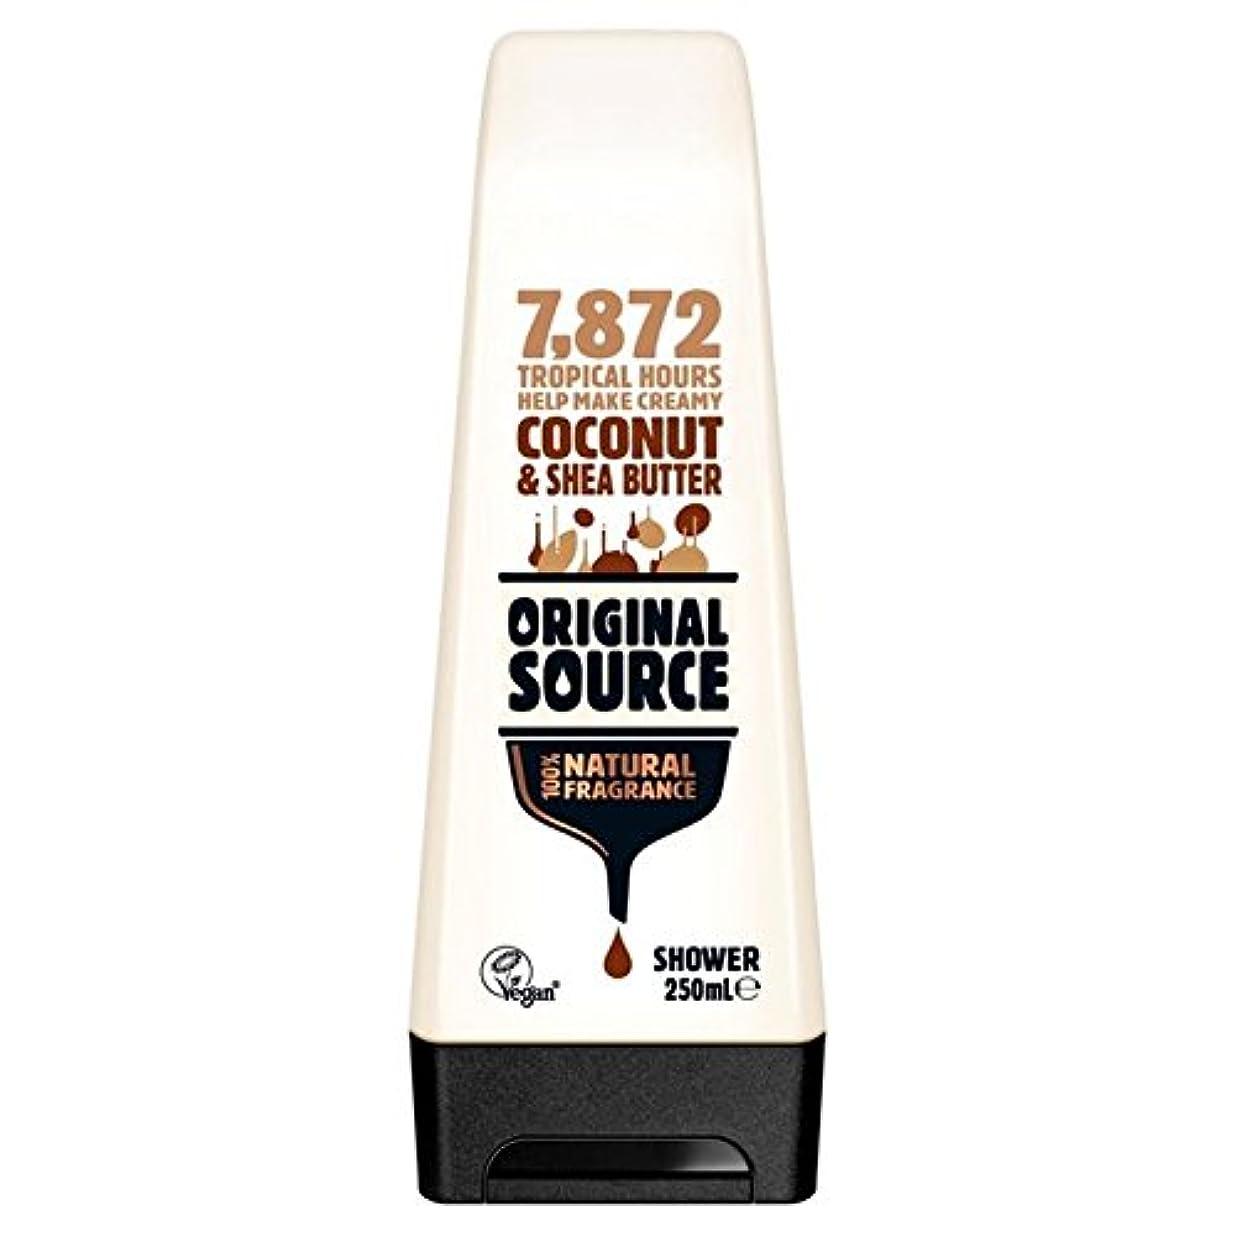 改修組眠りOriginal Source Moisturising Coconut & Shea Butter Shower Gel 250ml - 元のソース保湿ココナッツ&シアバターシャワージェル250ミリリットル [並行輸入品]